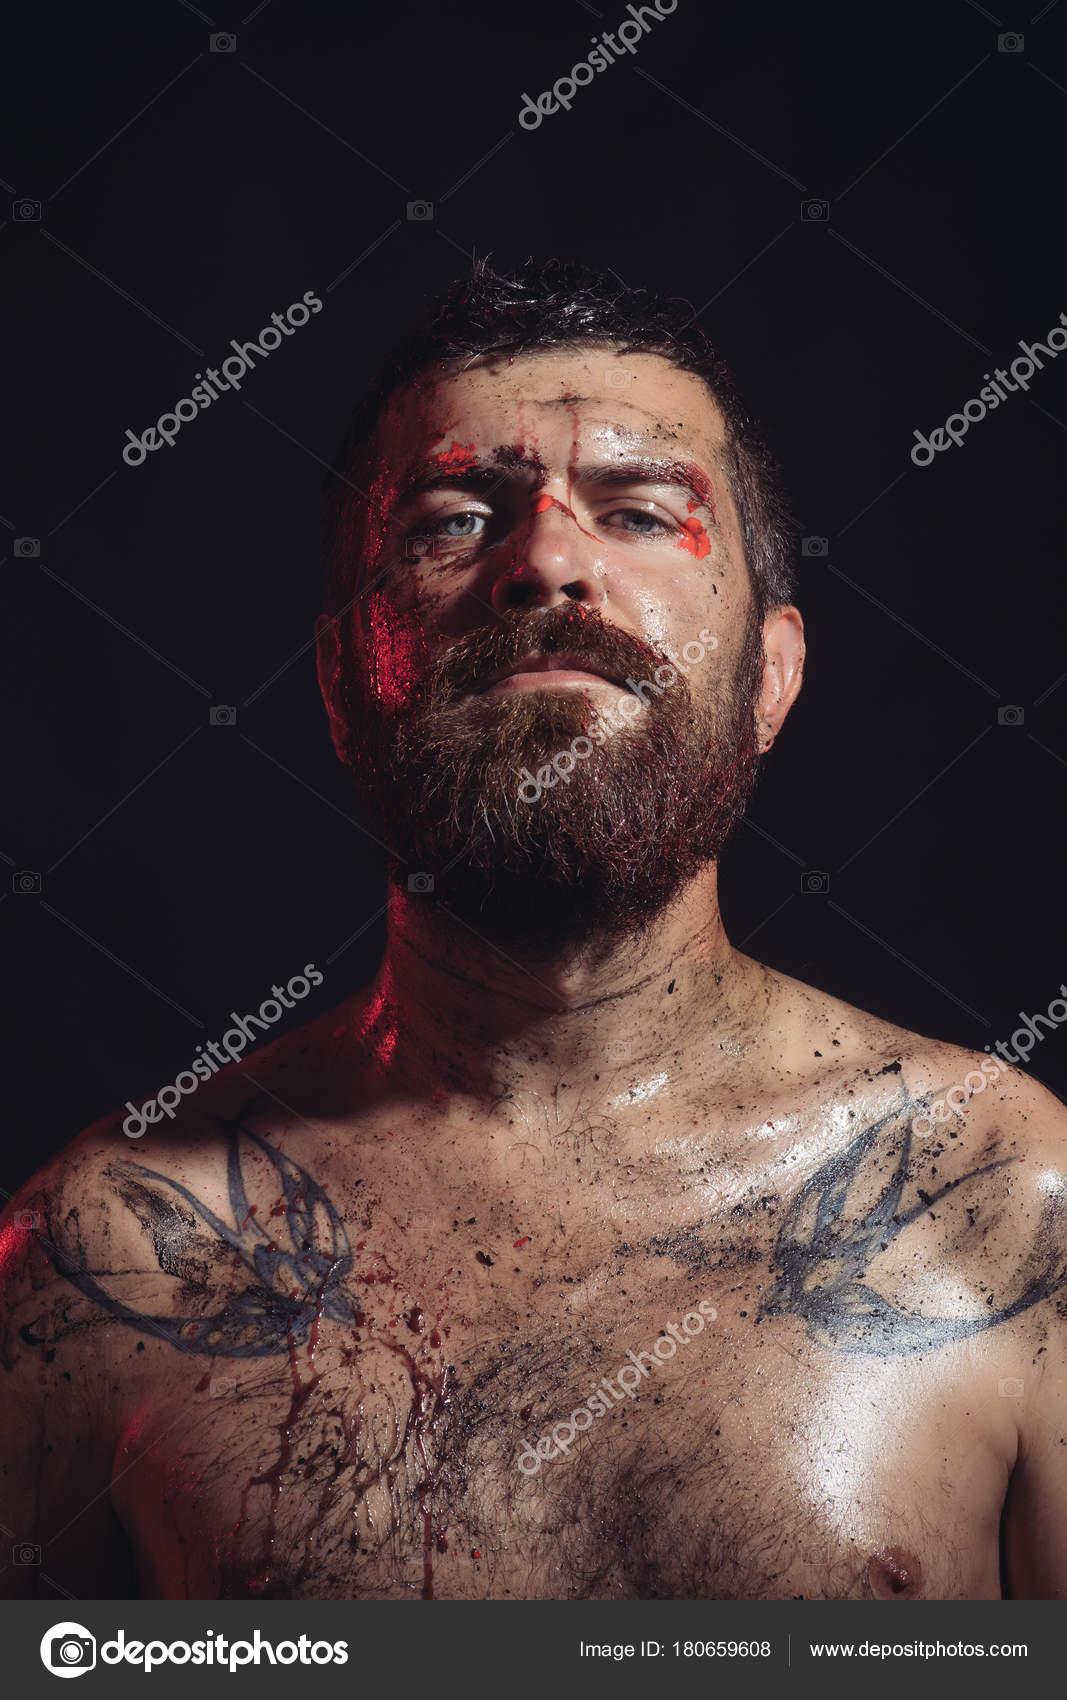 Barbu Hipster Avec Tatouage Sur Poitrine Sur Fond Noir Homme